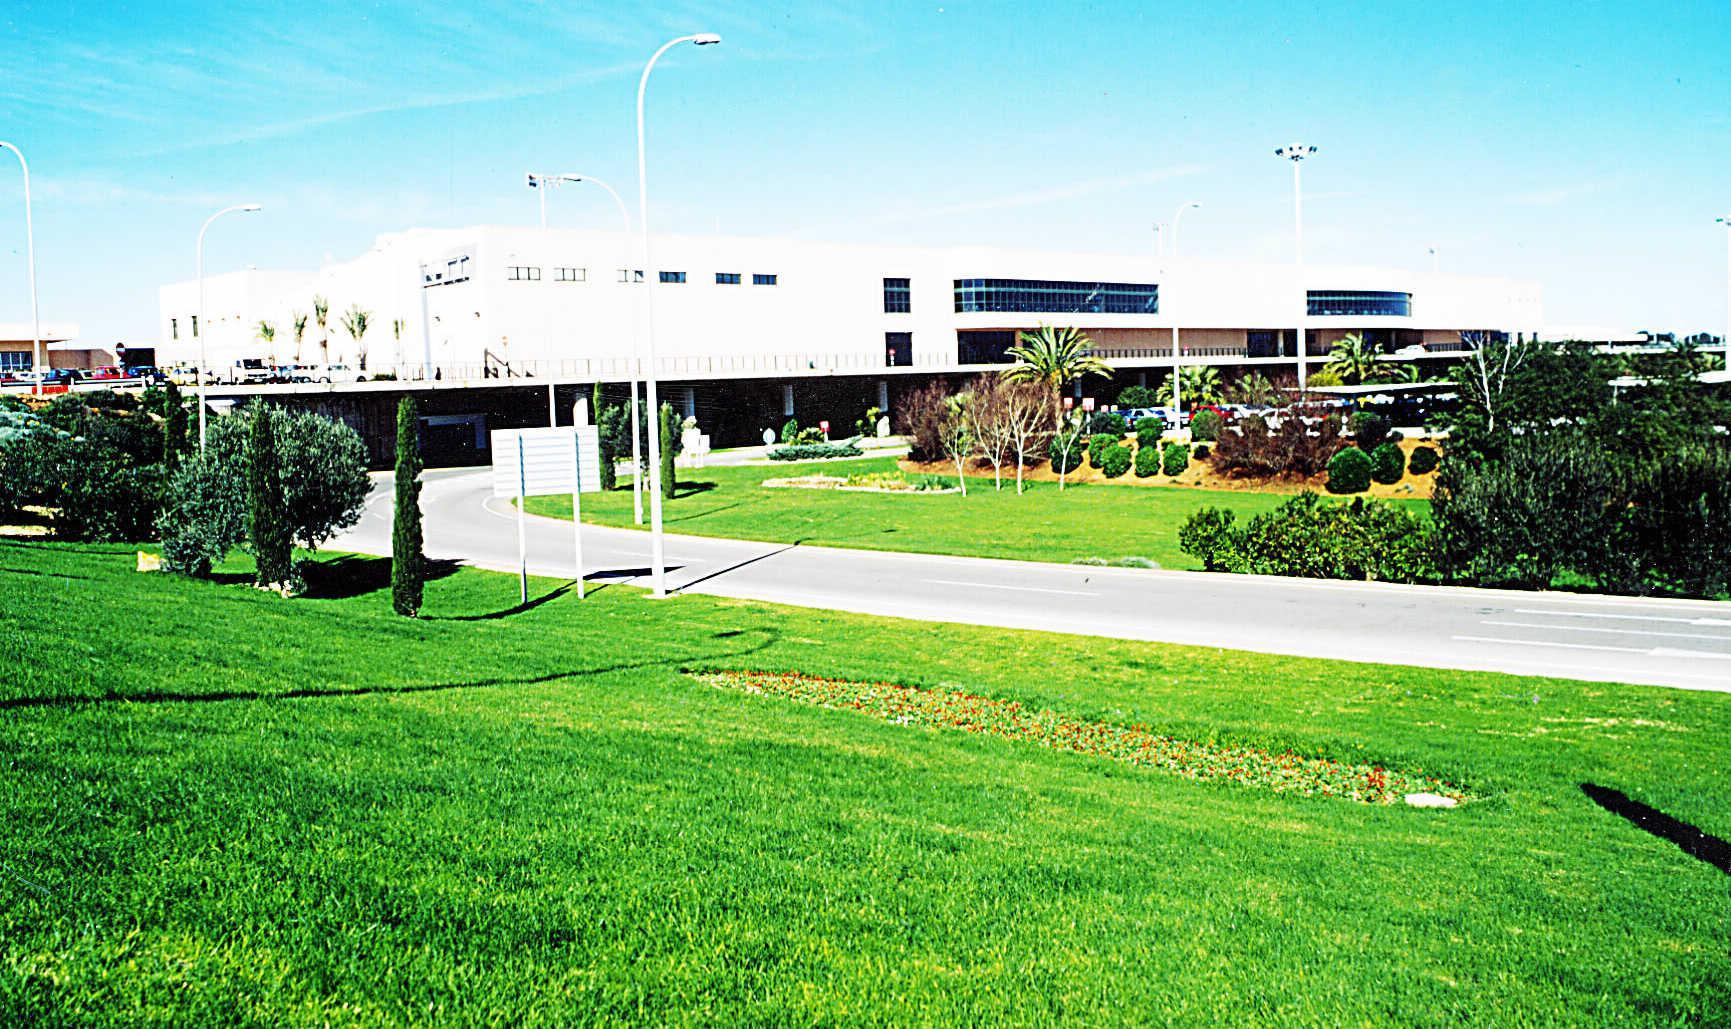 Aeropuerto De Menorca Aeropuertos Transportes Gu A Til  # Muebles Menorca Mahon